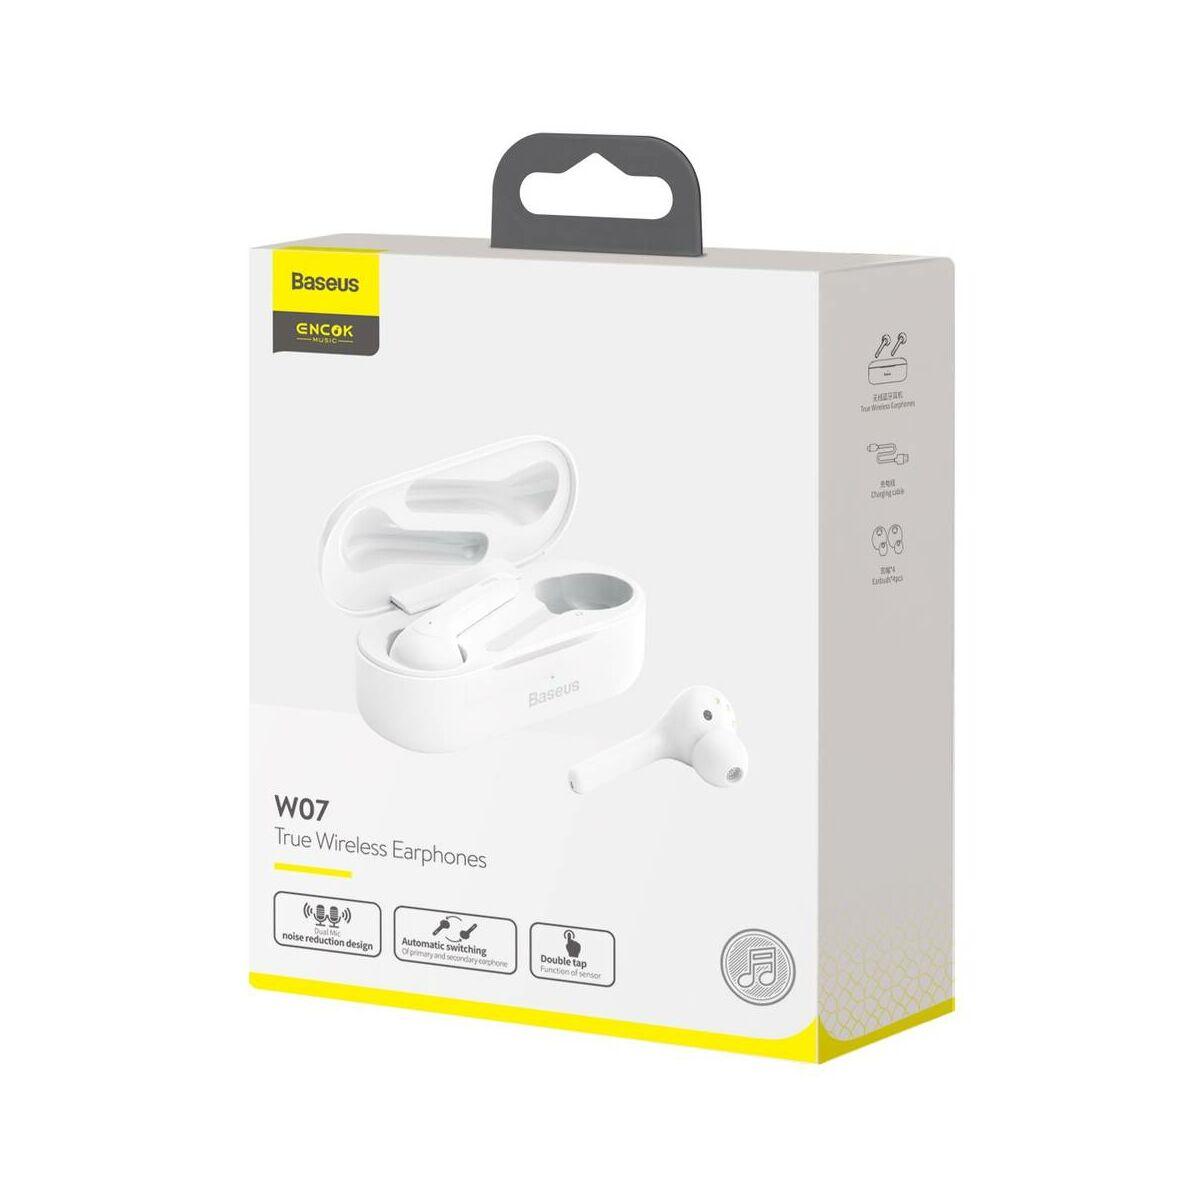 Baseus fülhallgató, Bluetooth Encok W07, True Wireless, vezeték nélküli, dual mikrofon BT 5.0 TWS, fehér (NGW07-02)